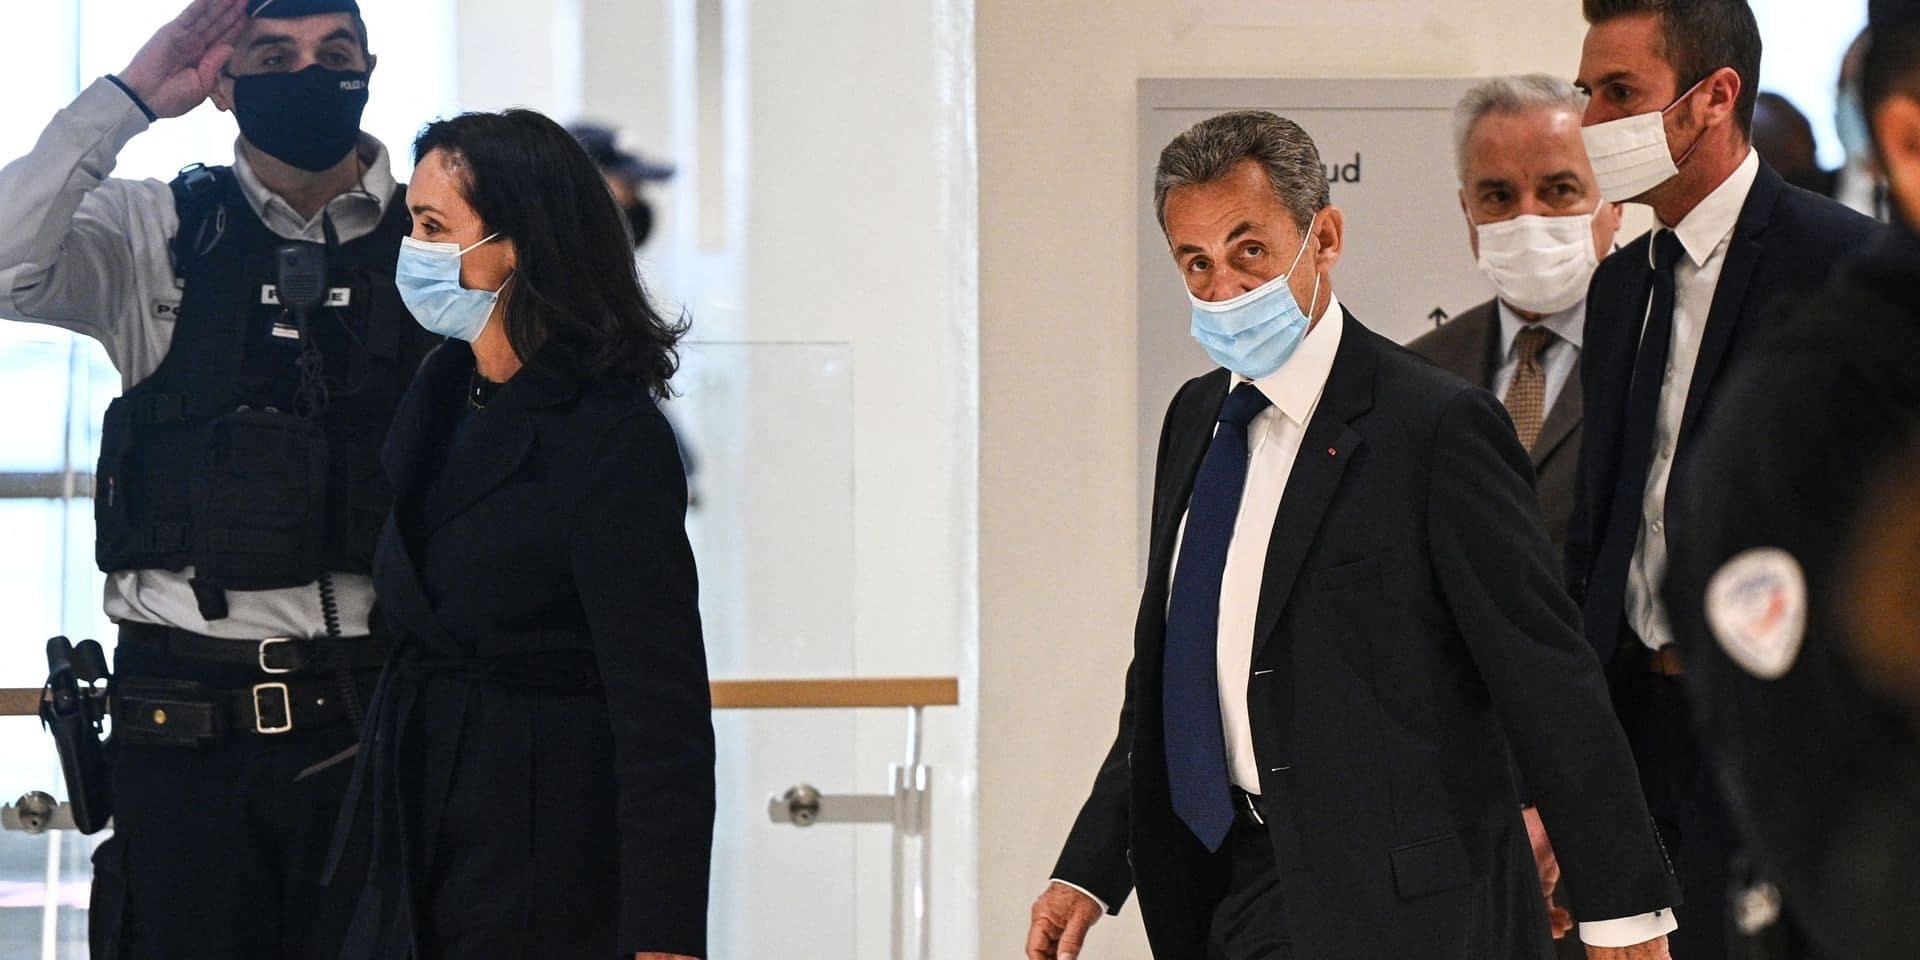 """""""Incompréhensible"""", """"sévérité disproportionnée"""", """"acharnement insensé"""": les nombreuses réactions à la condamnation de Nicolas Sarkozy"""